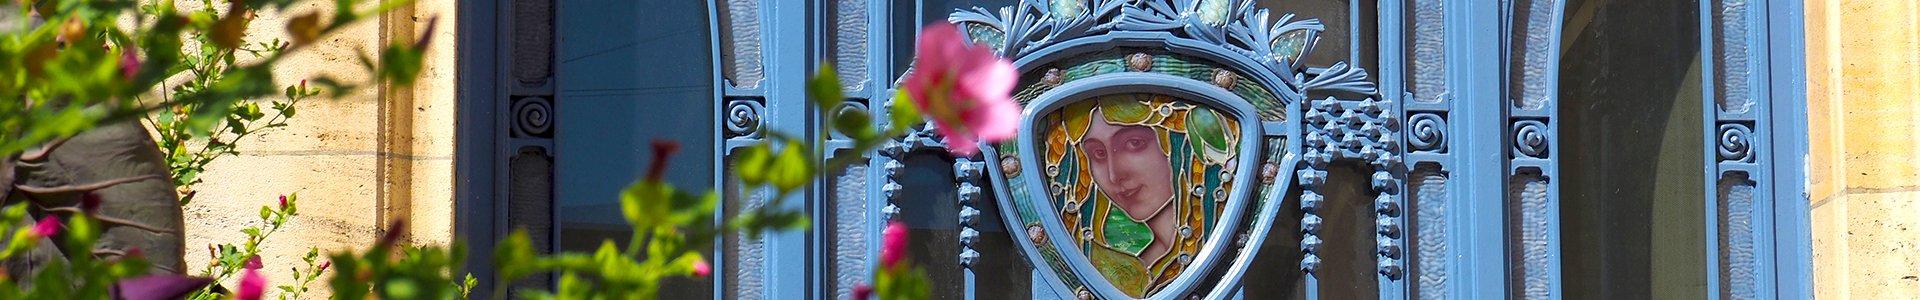 Glas-in-lood bij Musée de l'École de Nancy, Frankrijk